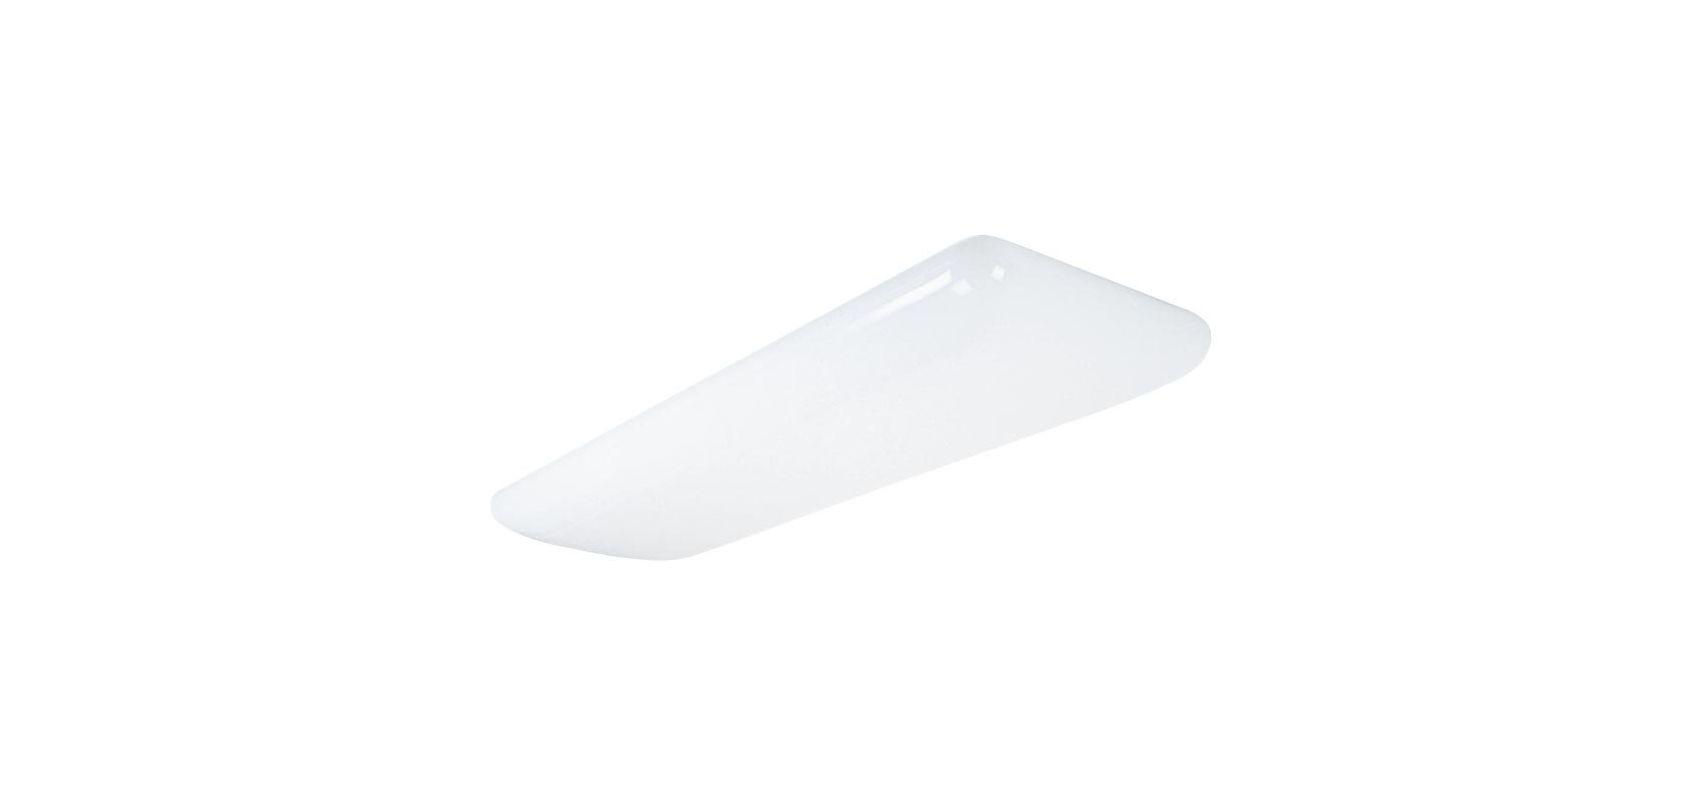 Lithonia Lighting 10640 32 MVOLT GEB101S Litepuff 2 Light Indoor